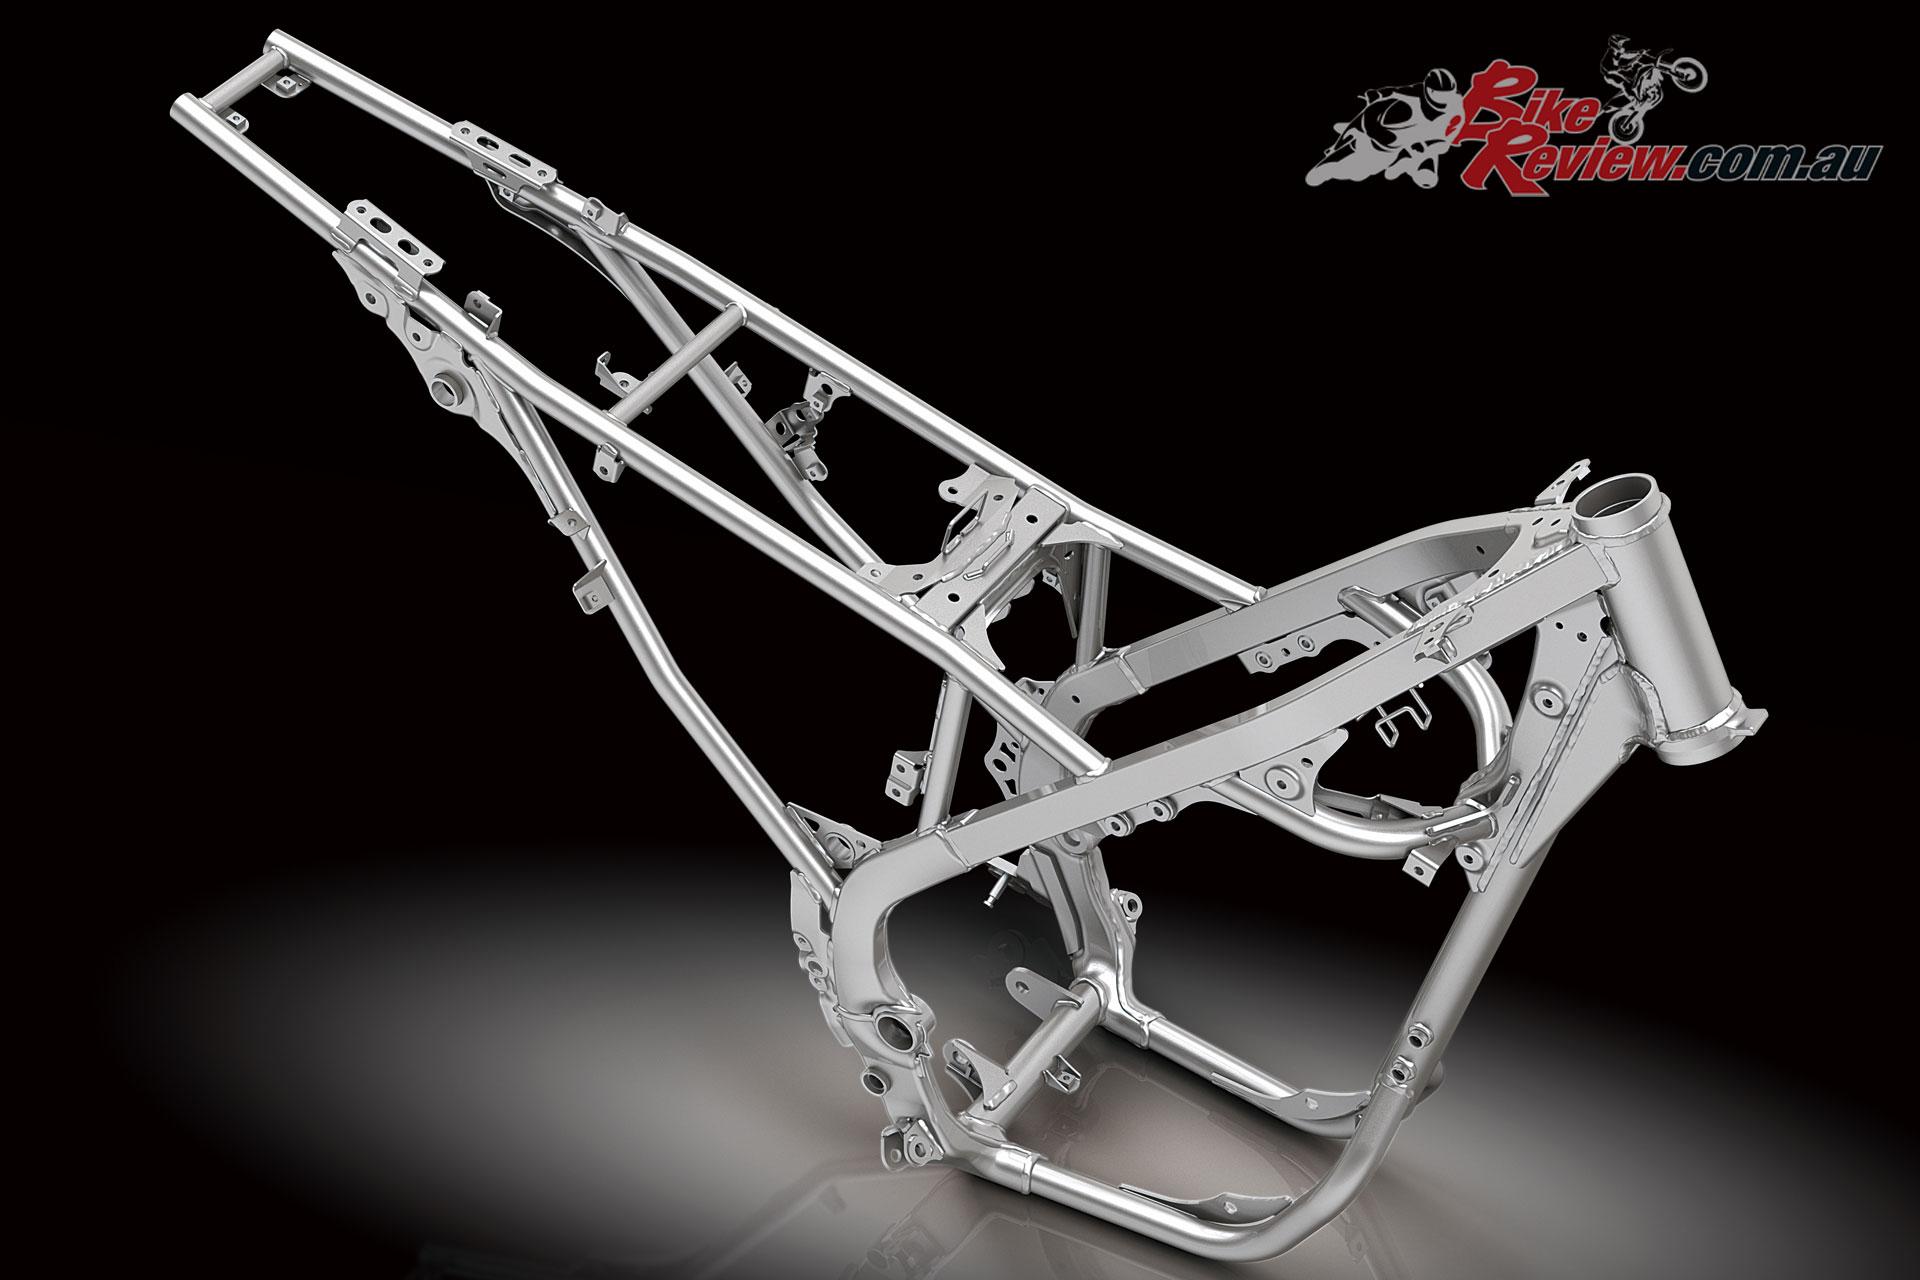 2020 Kawasaki KLX230R frame